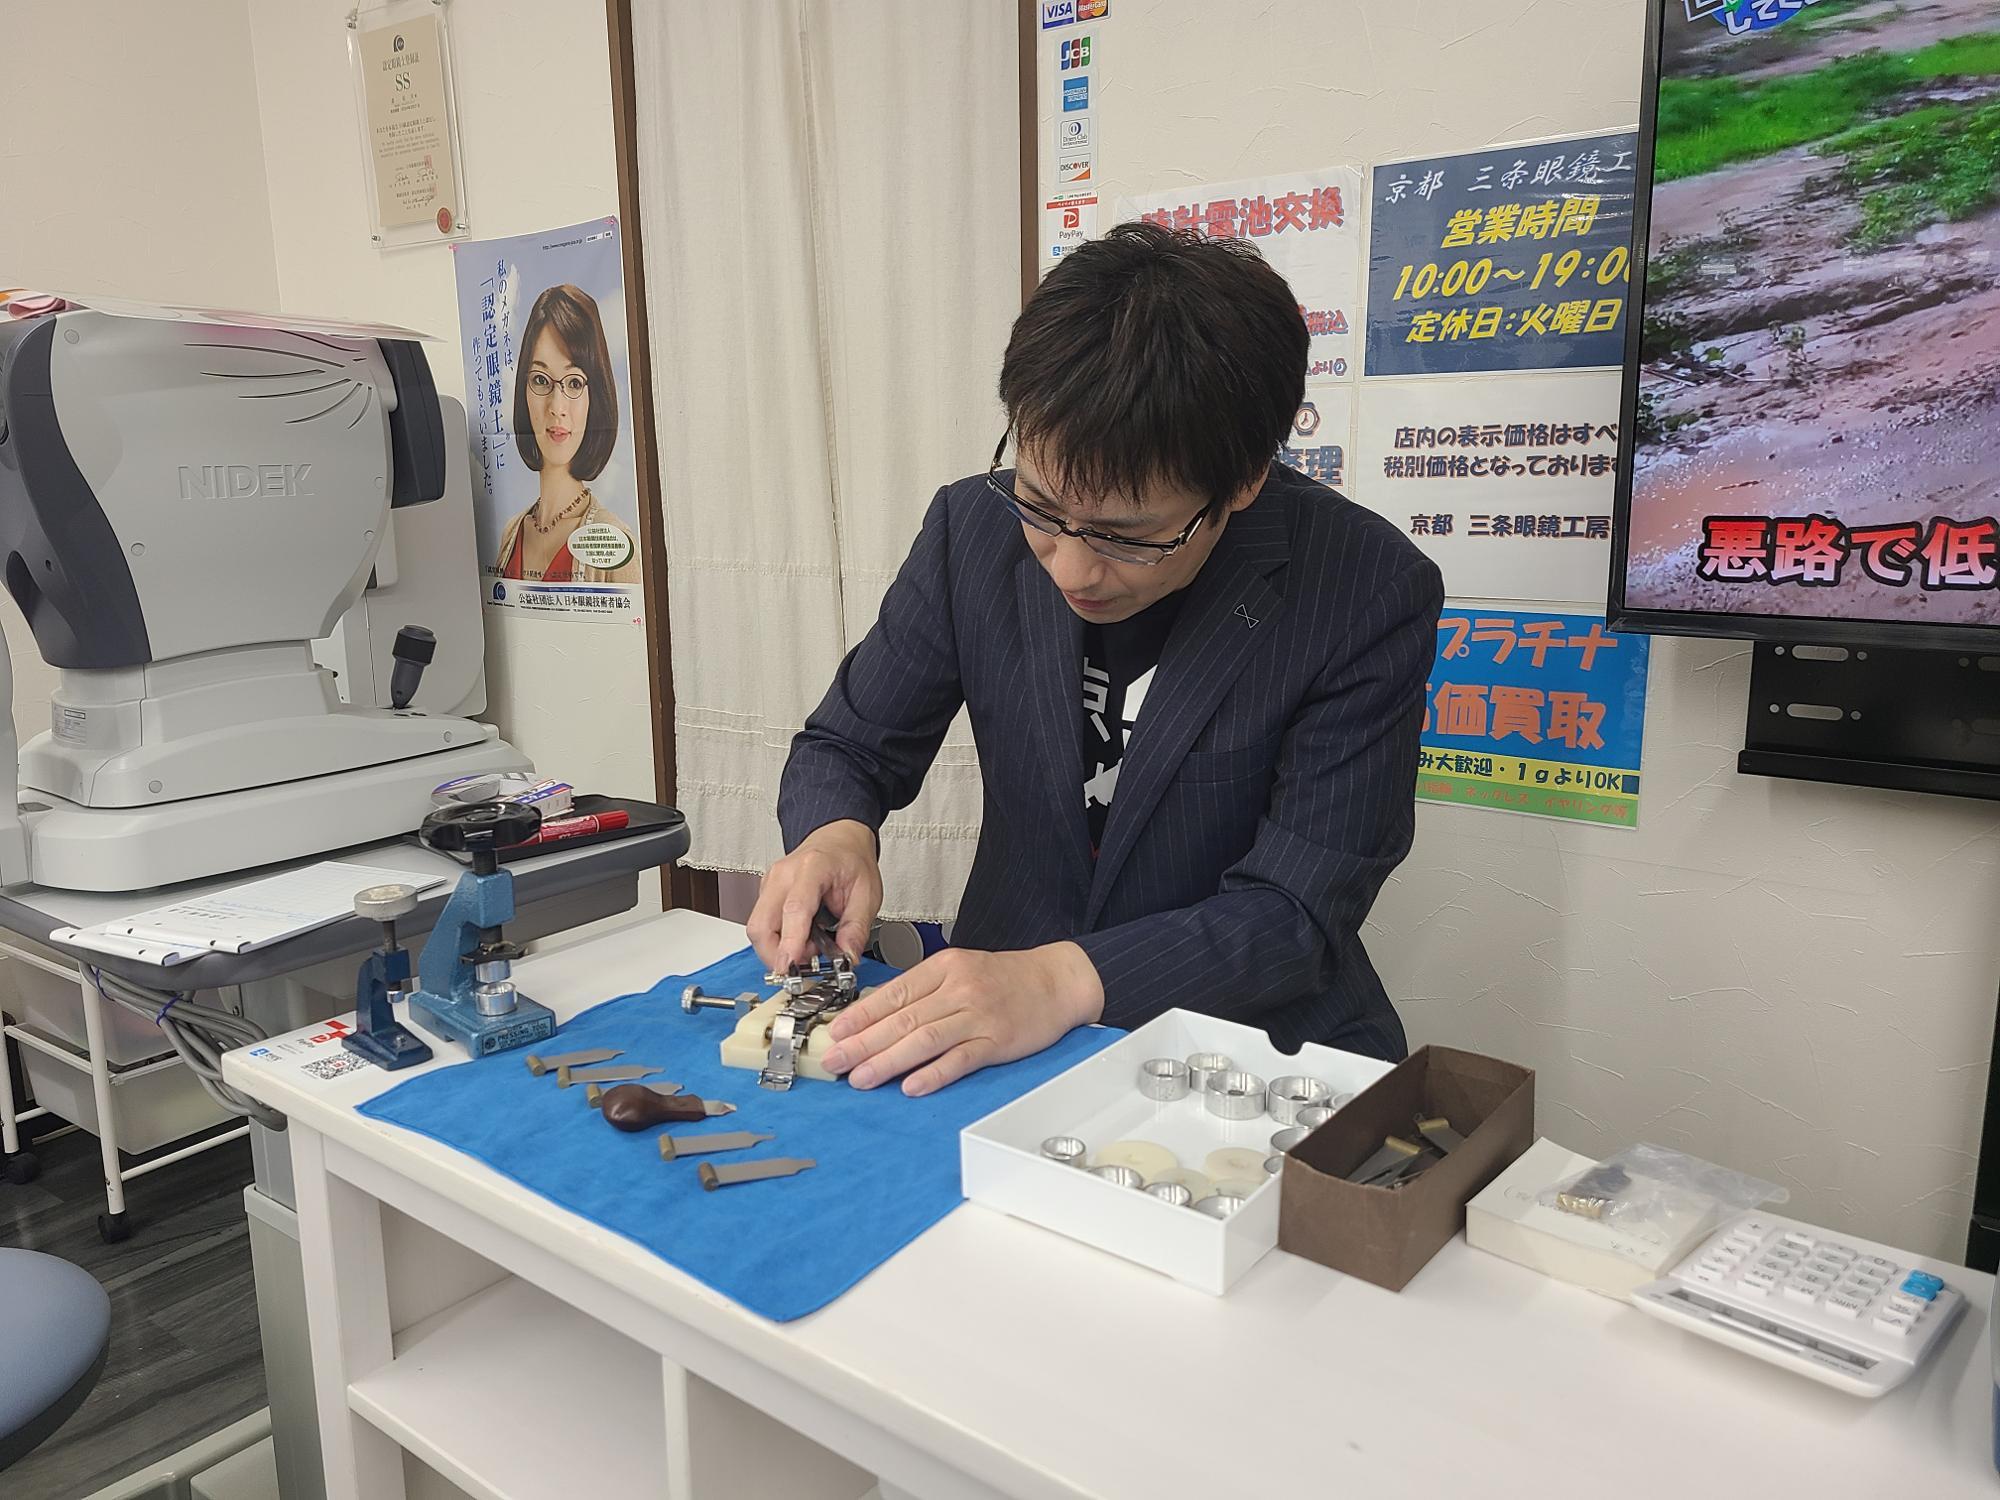 腕時計のオーバーホール他、本格的な修理も相談に応じてくれます。